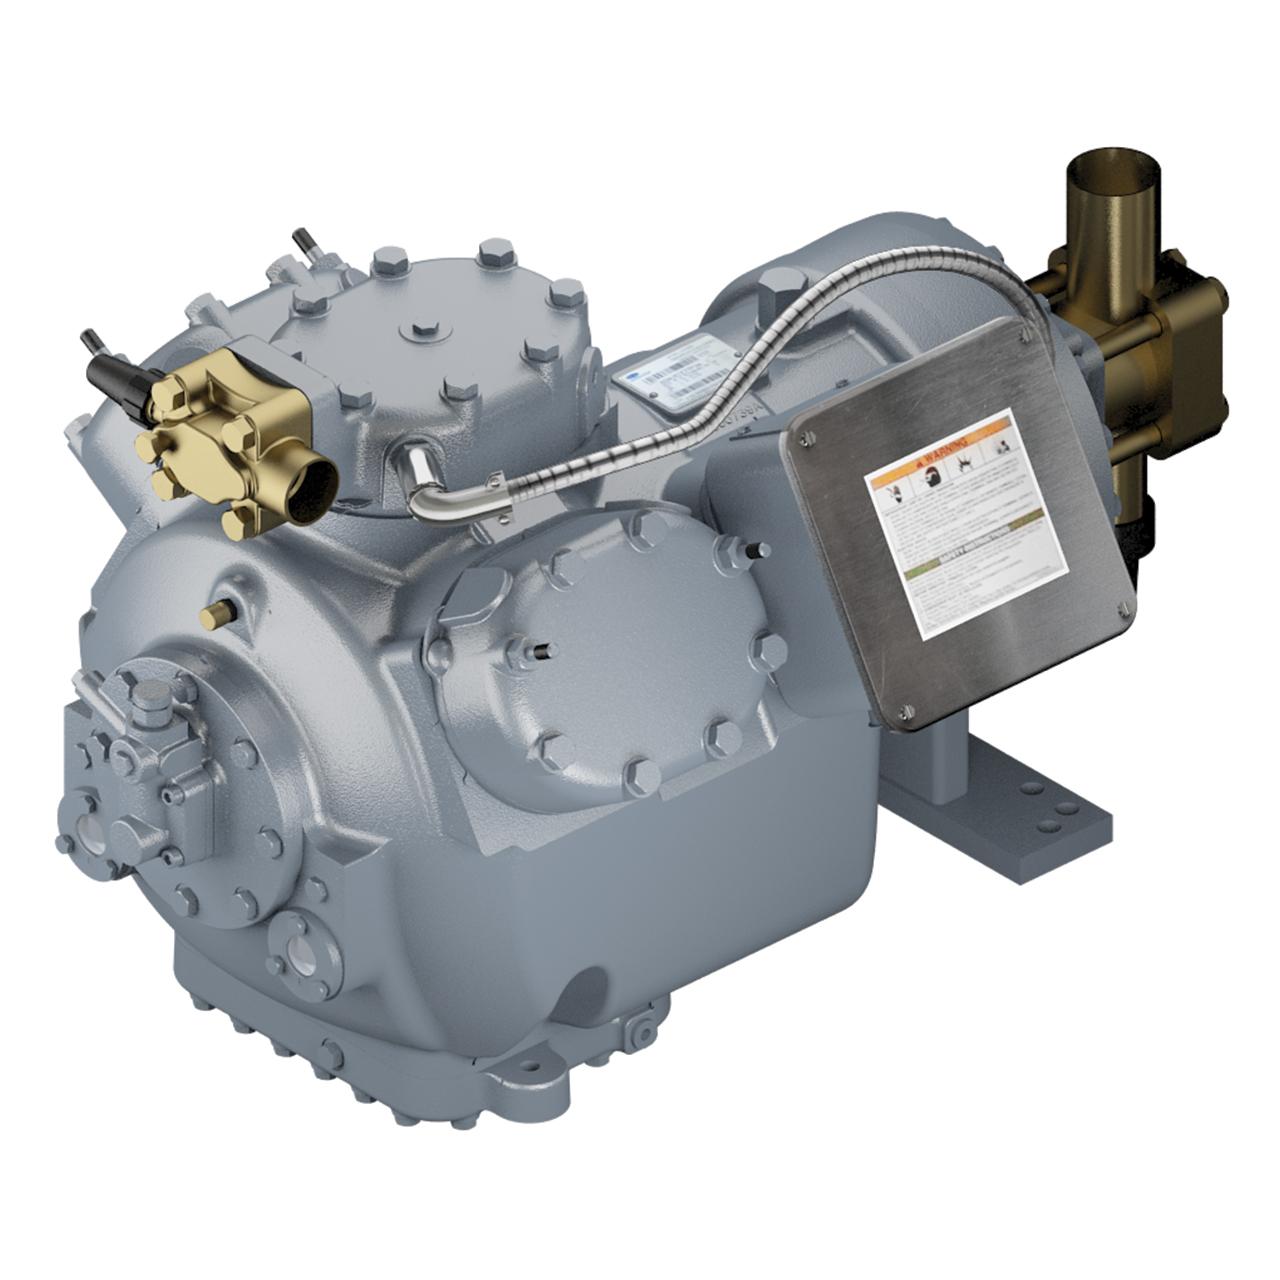 carlyle-compressor-06e